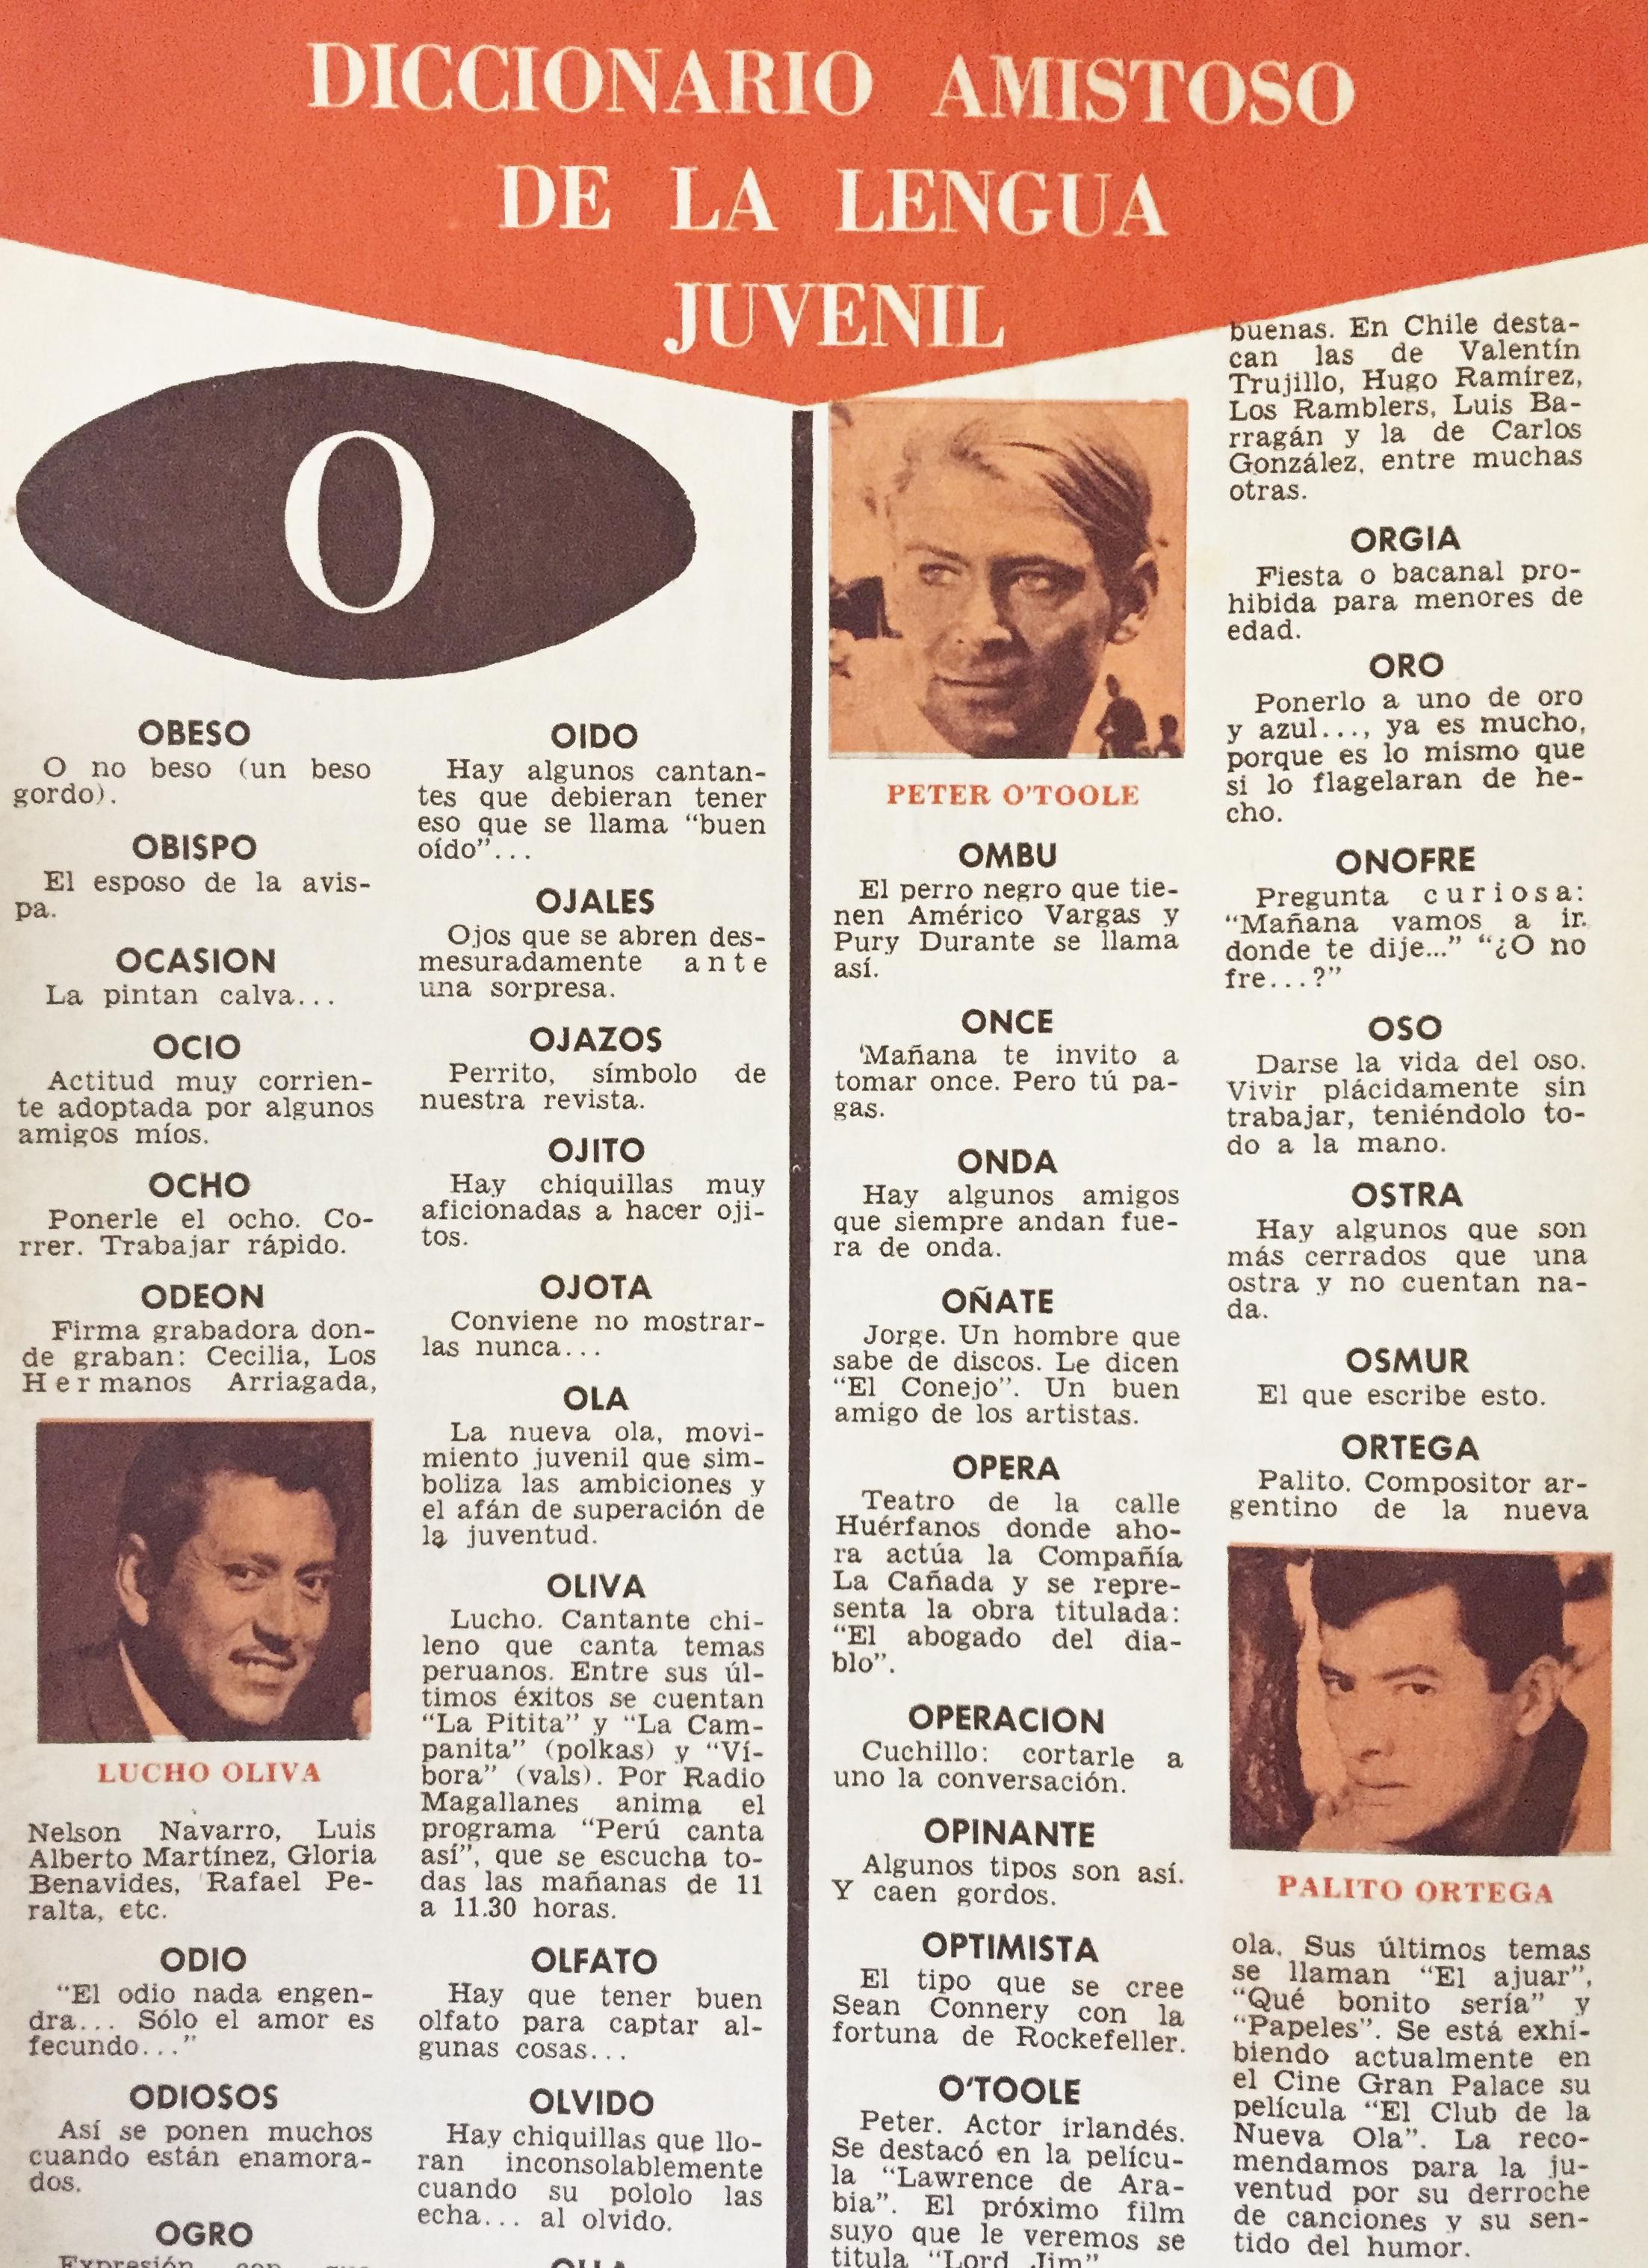 Sección Diccionario Amistoso De La Lengua Juvenil (1967)